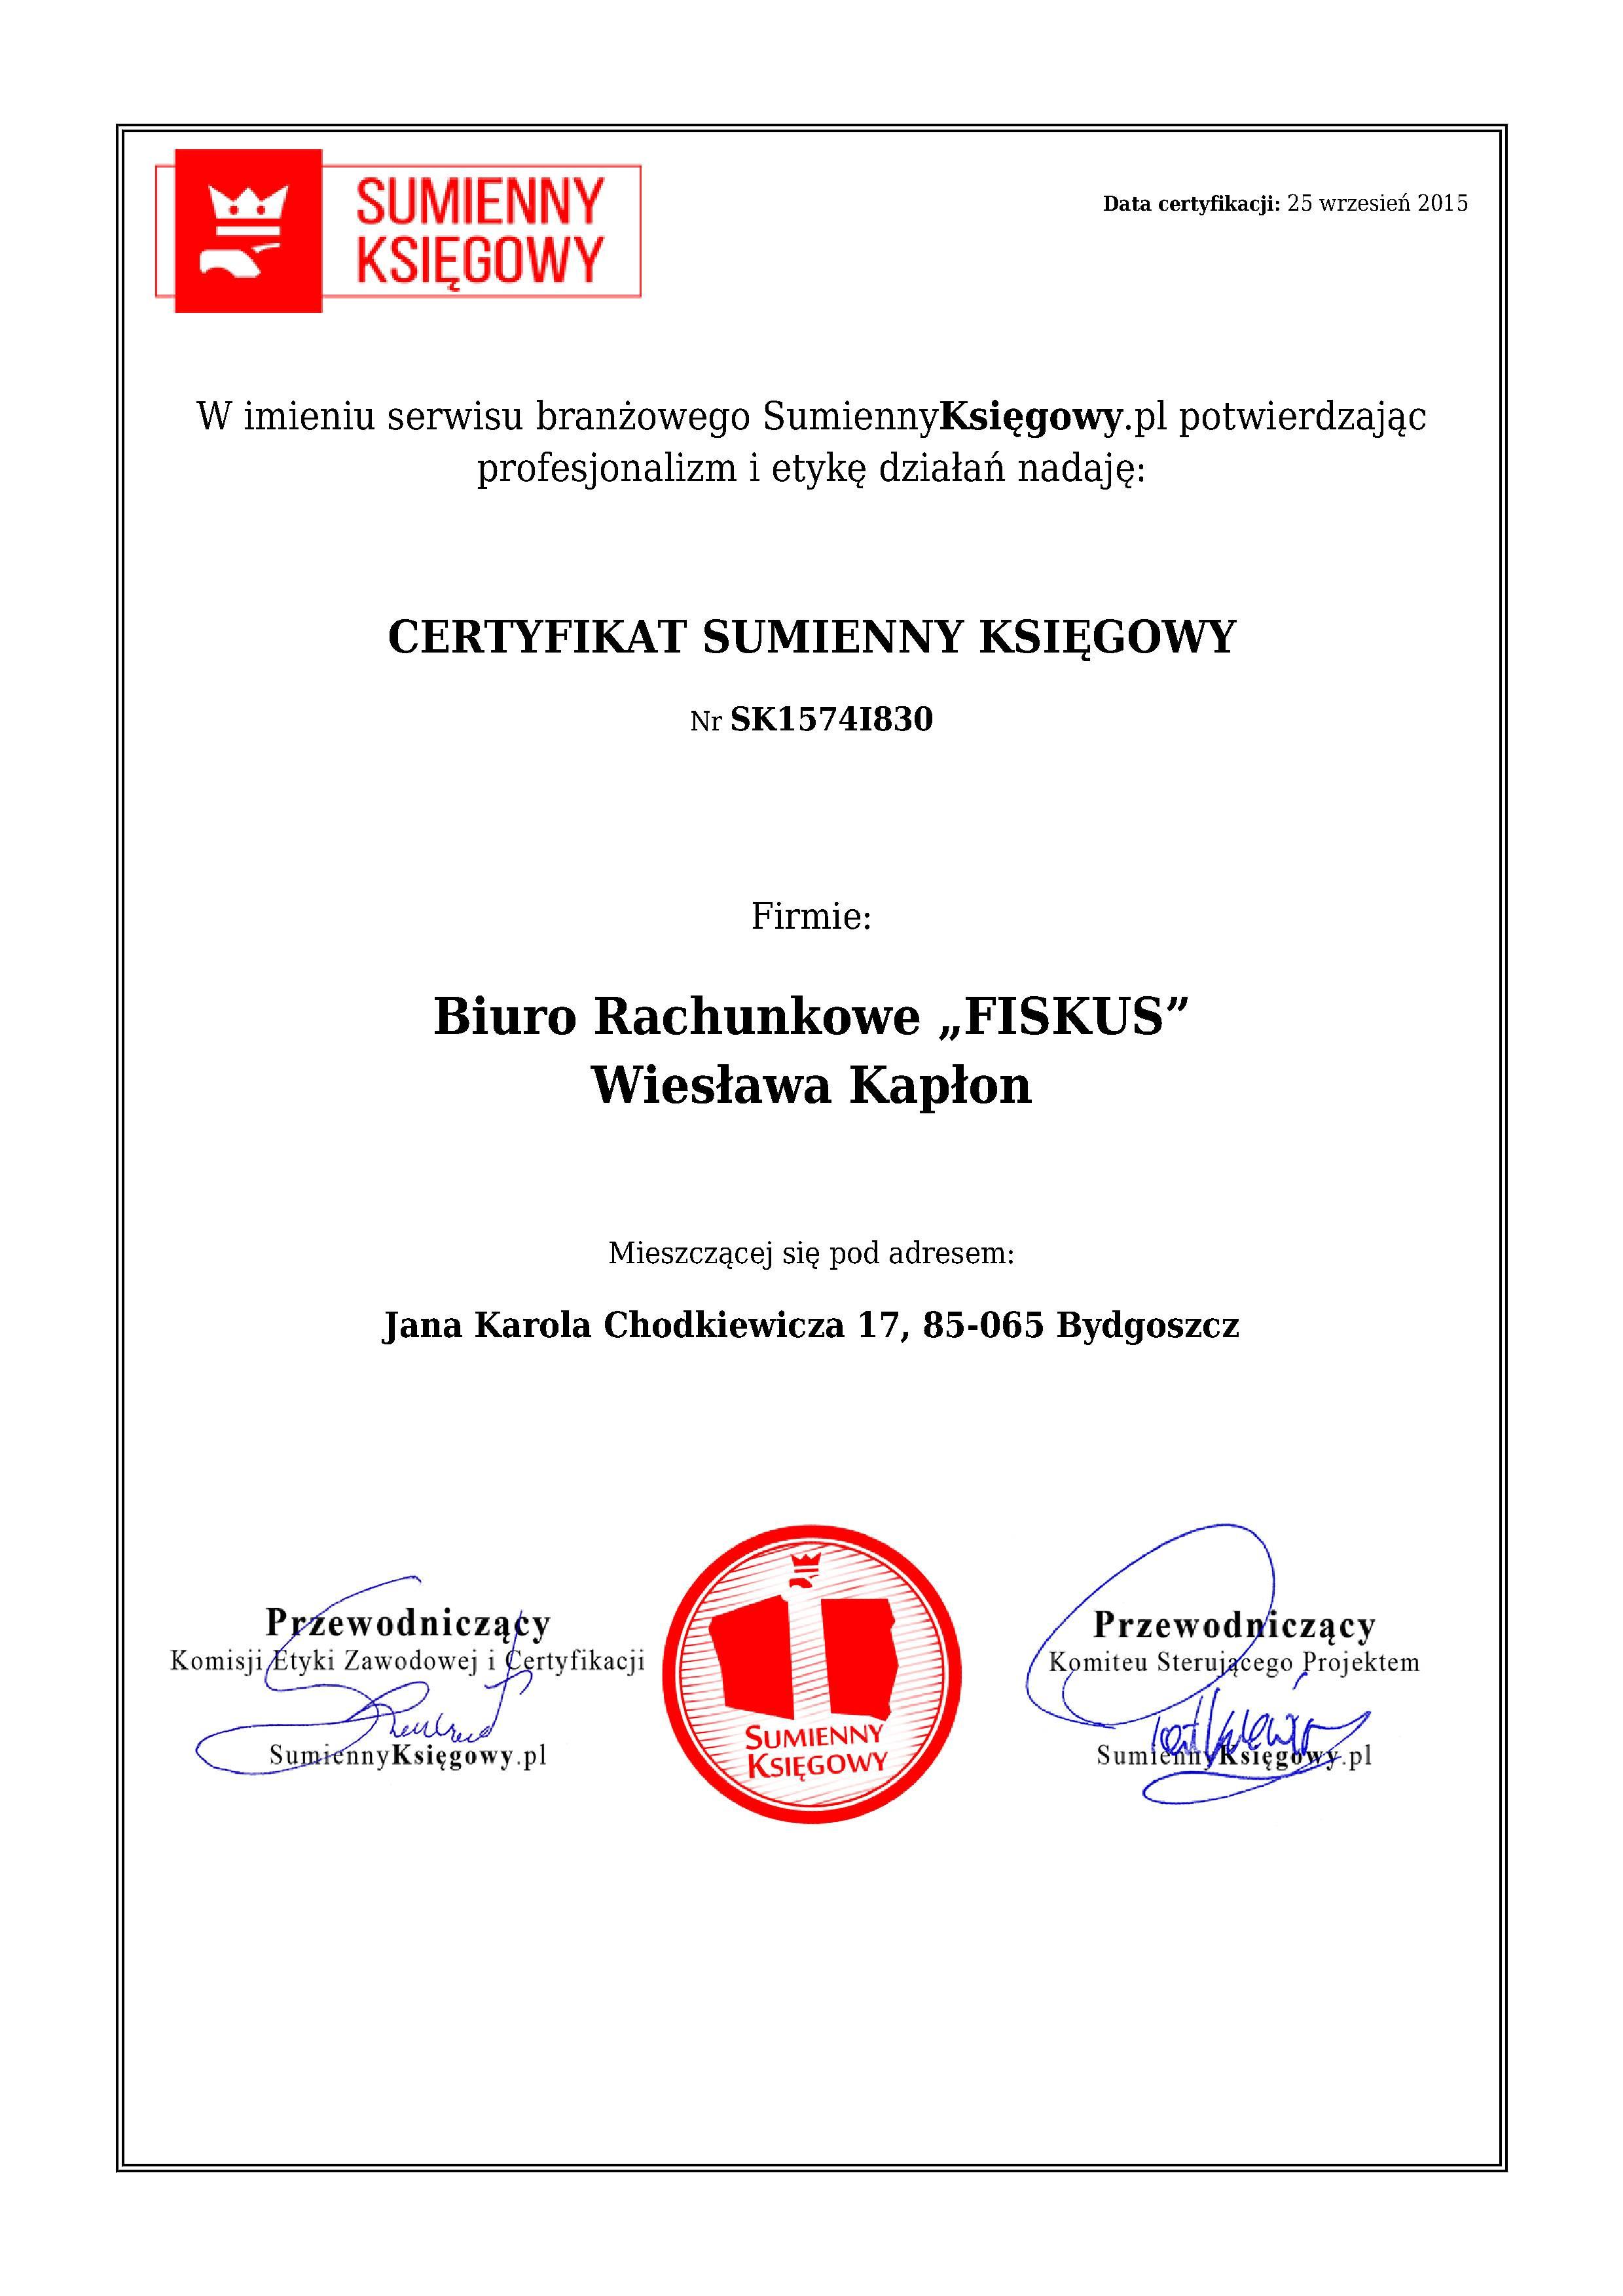 """Certyfikat Biuro Rachunkowe """"FISKUS"""" Wiesława Kapłon"""